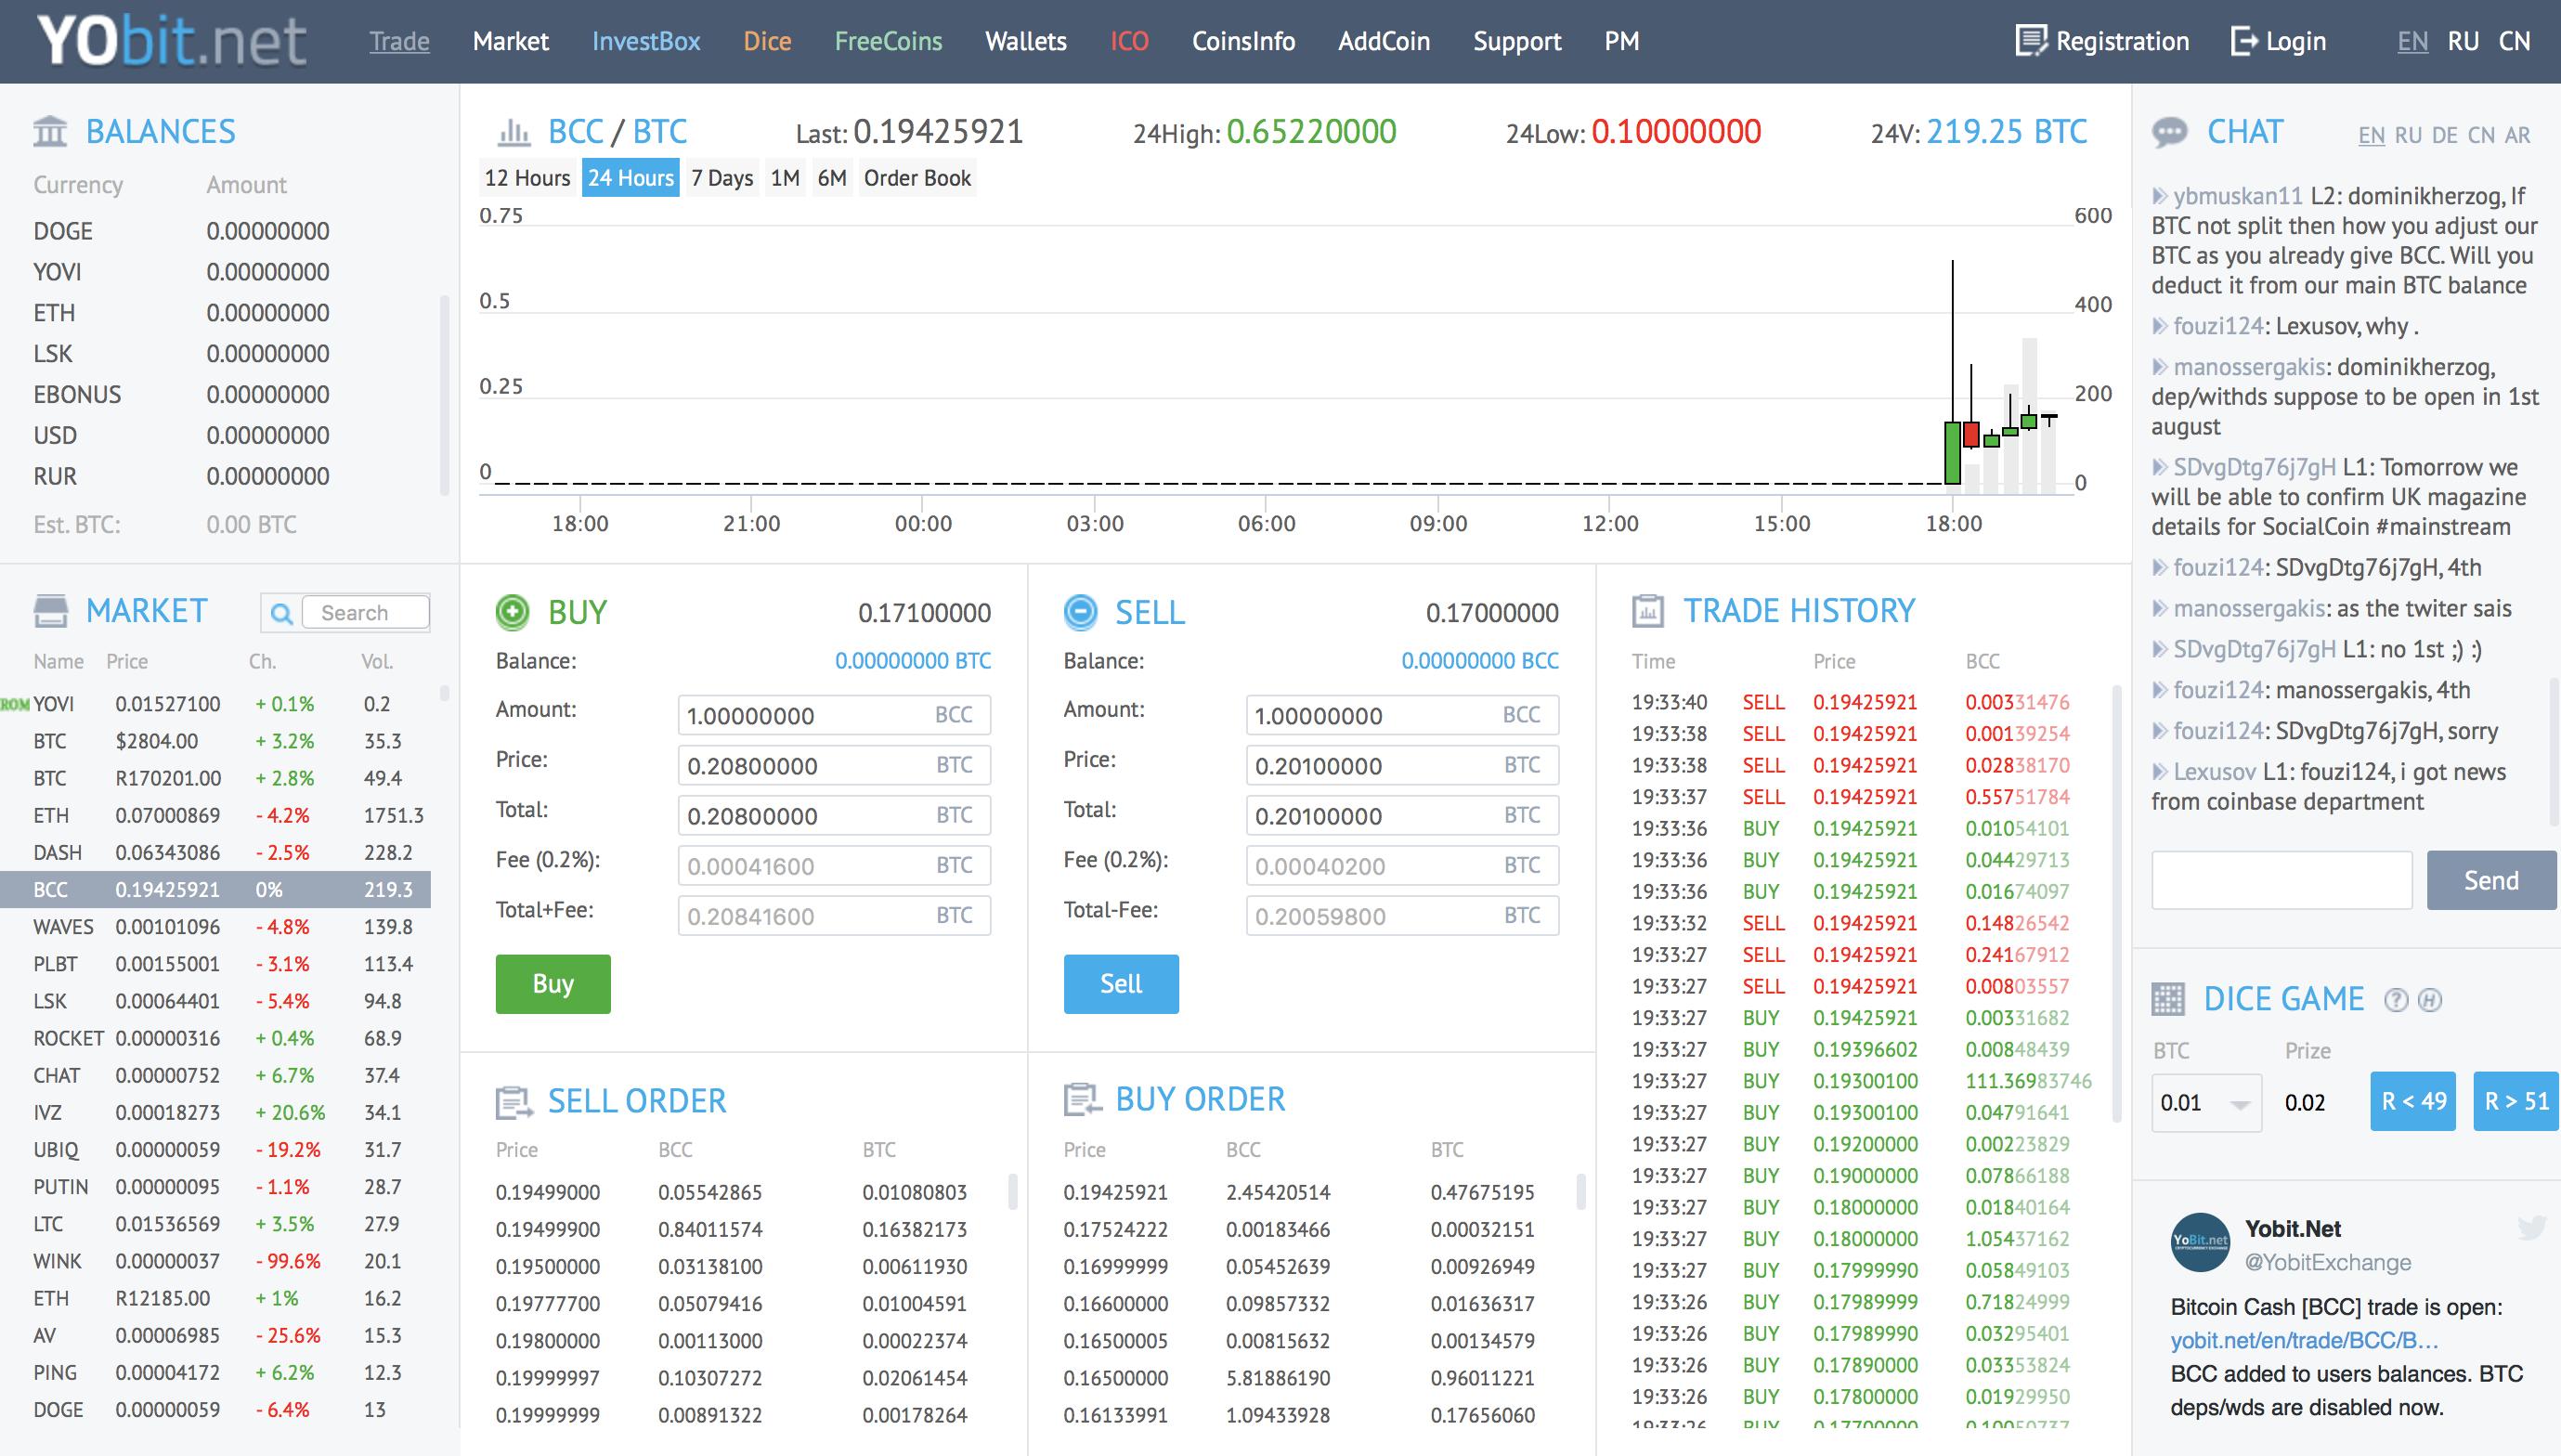 Bitcoin Cash: Bump vagy Pump? Kövessük valós időben…